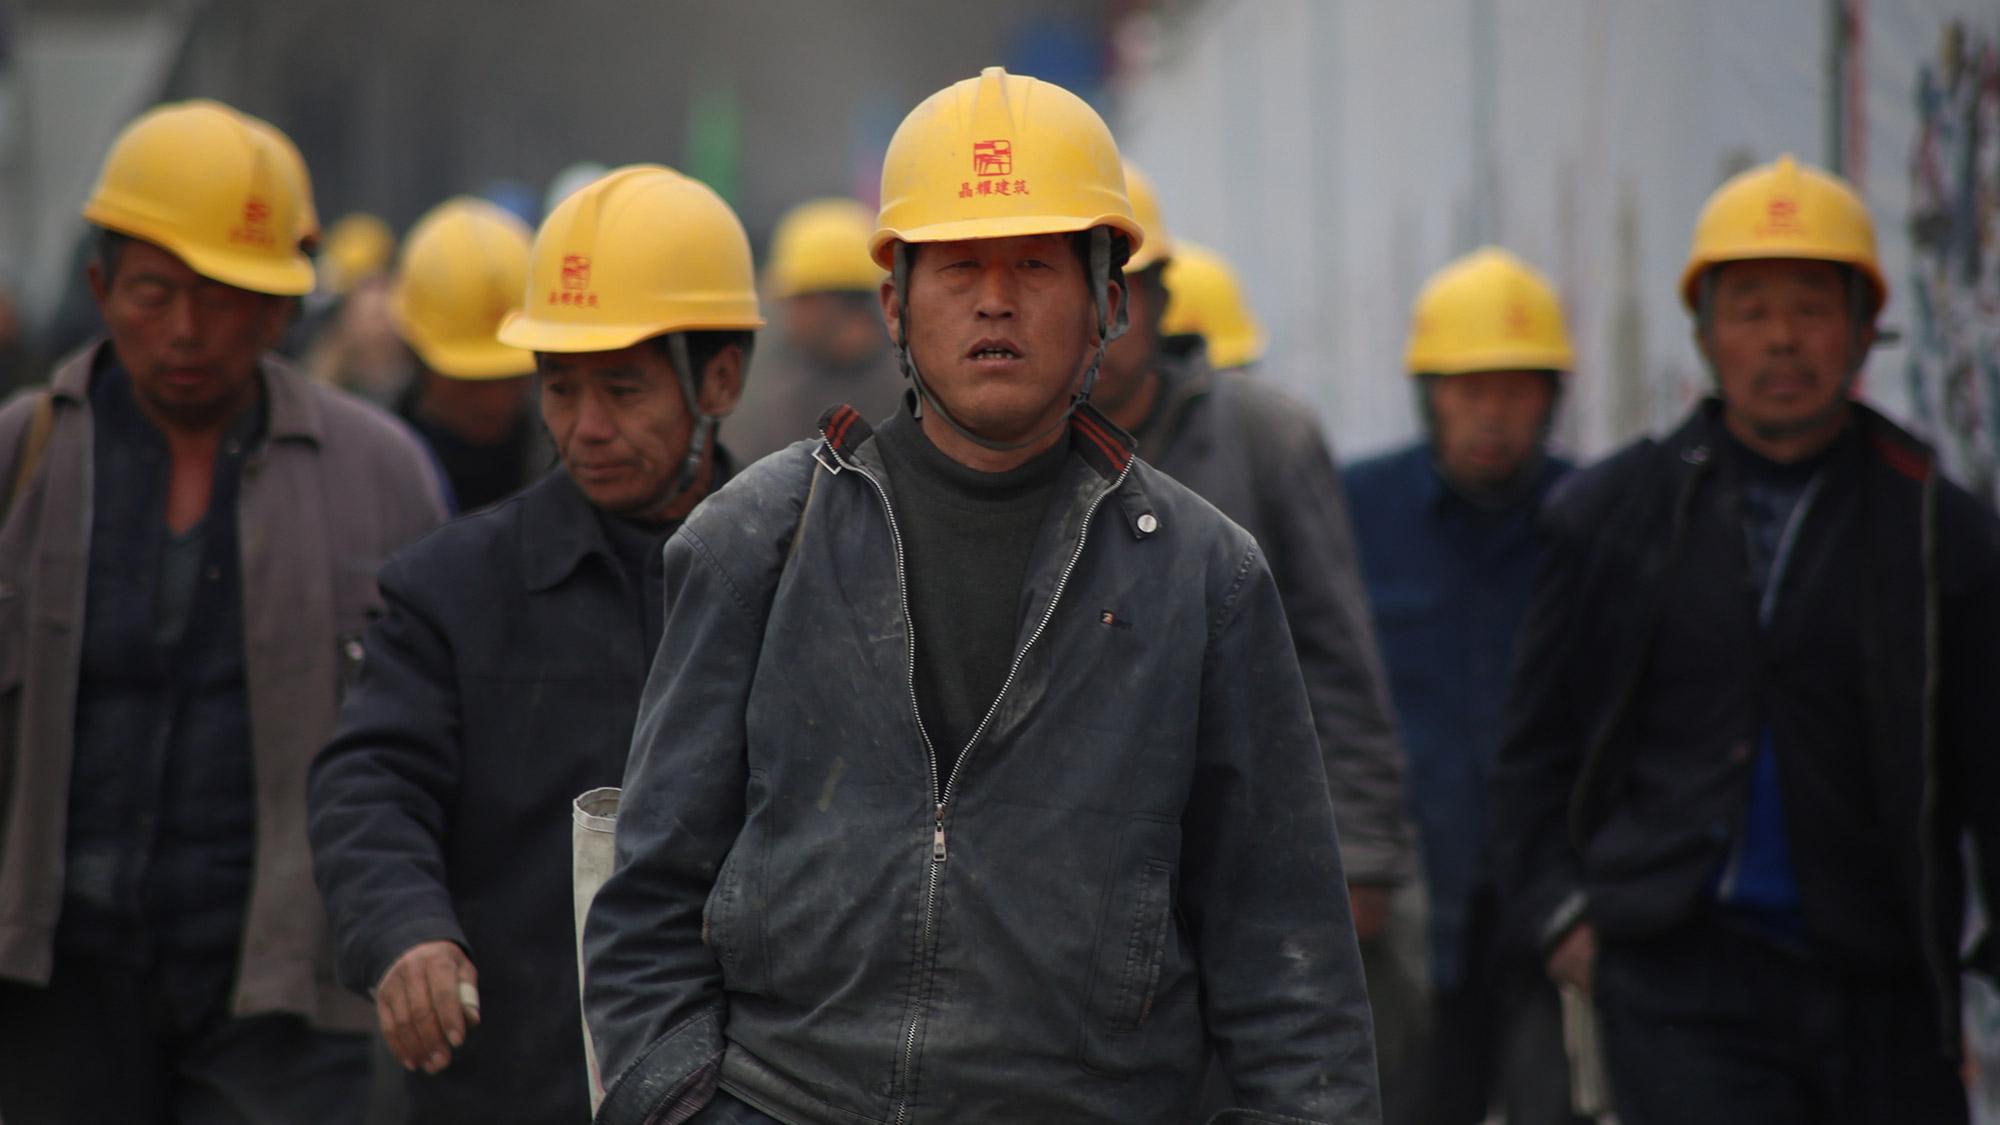 武漢肺炎疫情的延燒,導致中國多座城市採取封城的措施管制人口移動。